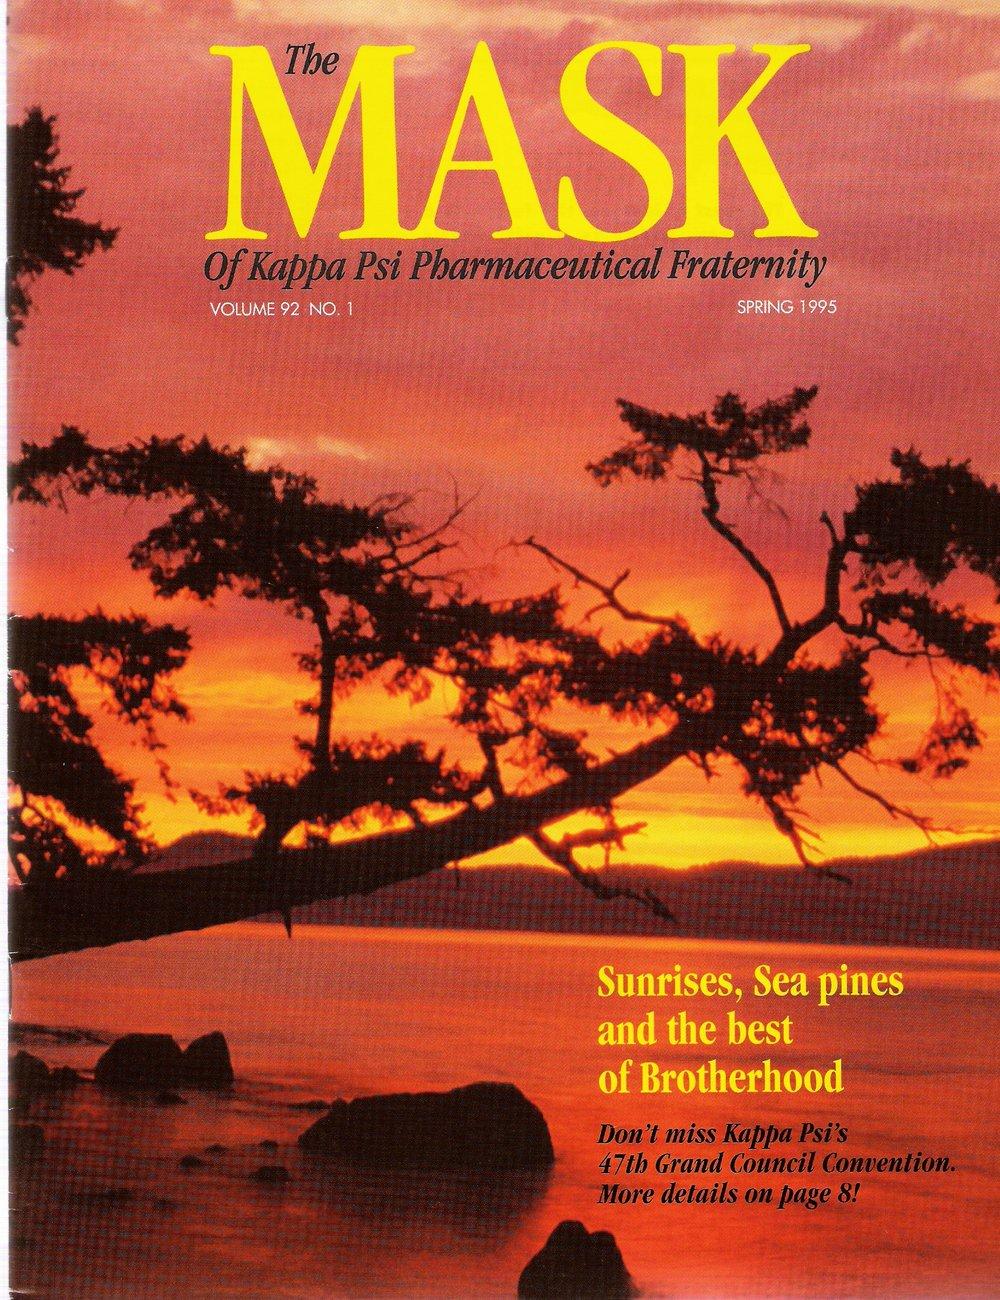 mask_cover_03_1995.jpg